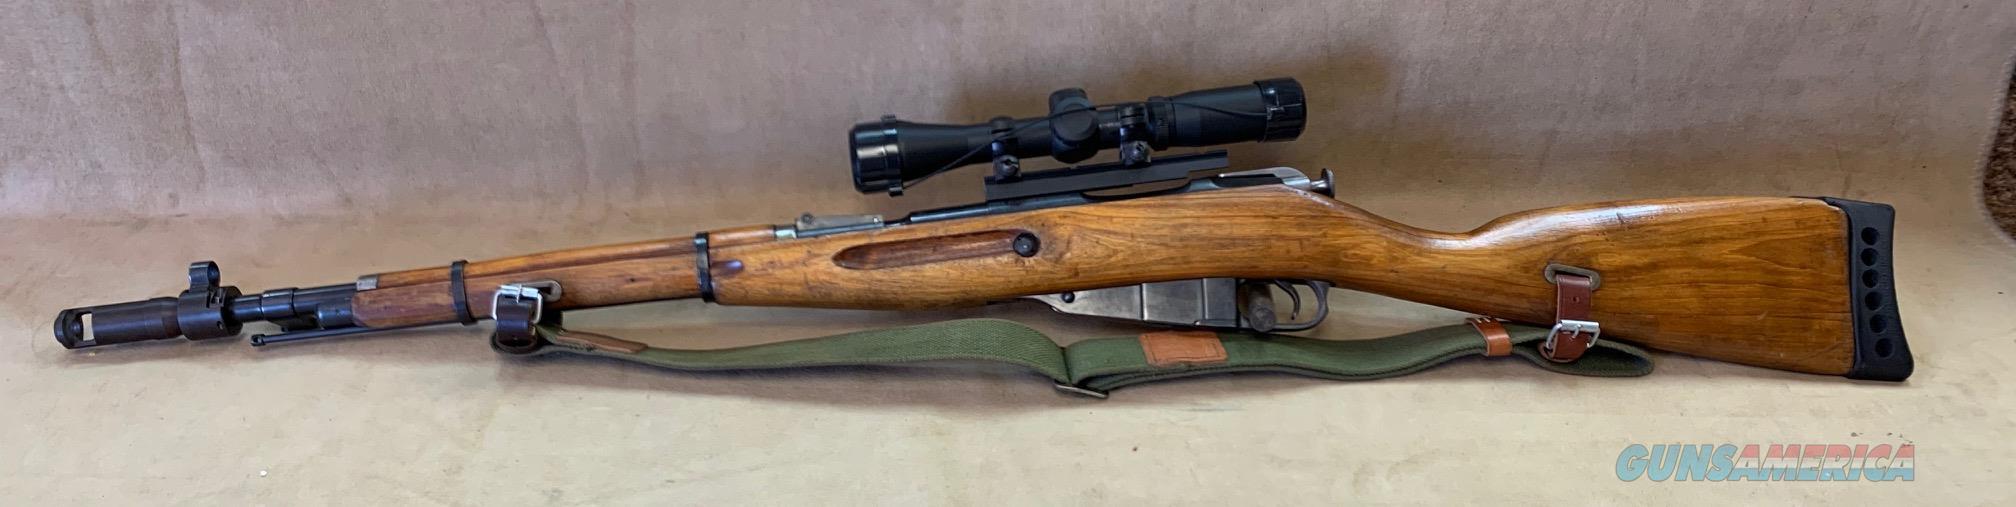 CAI M44 Russian 7.62x54R Consignment   Guns > Rifles > Century International Arms - Rifles > Rifles